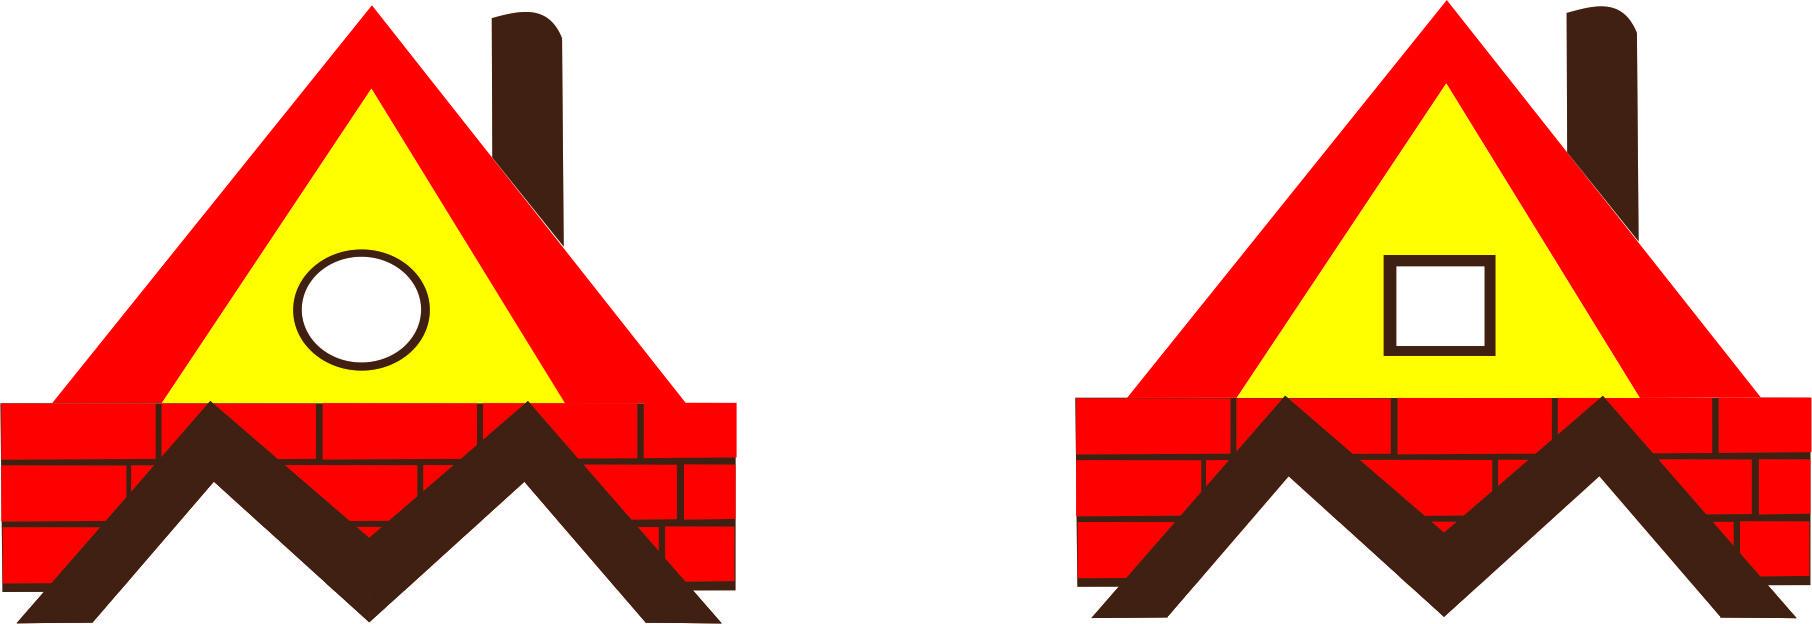 Разработка логотипа фото f_6725c5aa1427b335.jpg